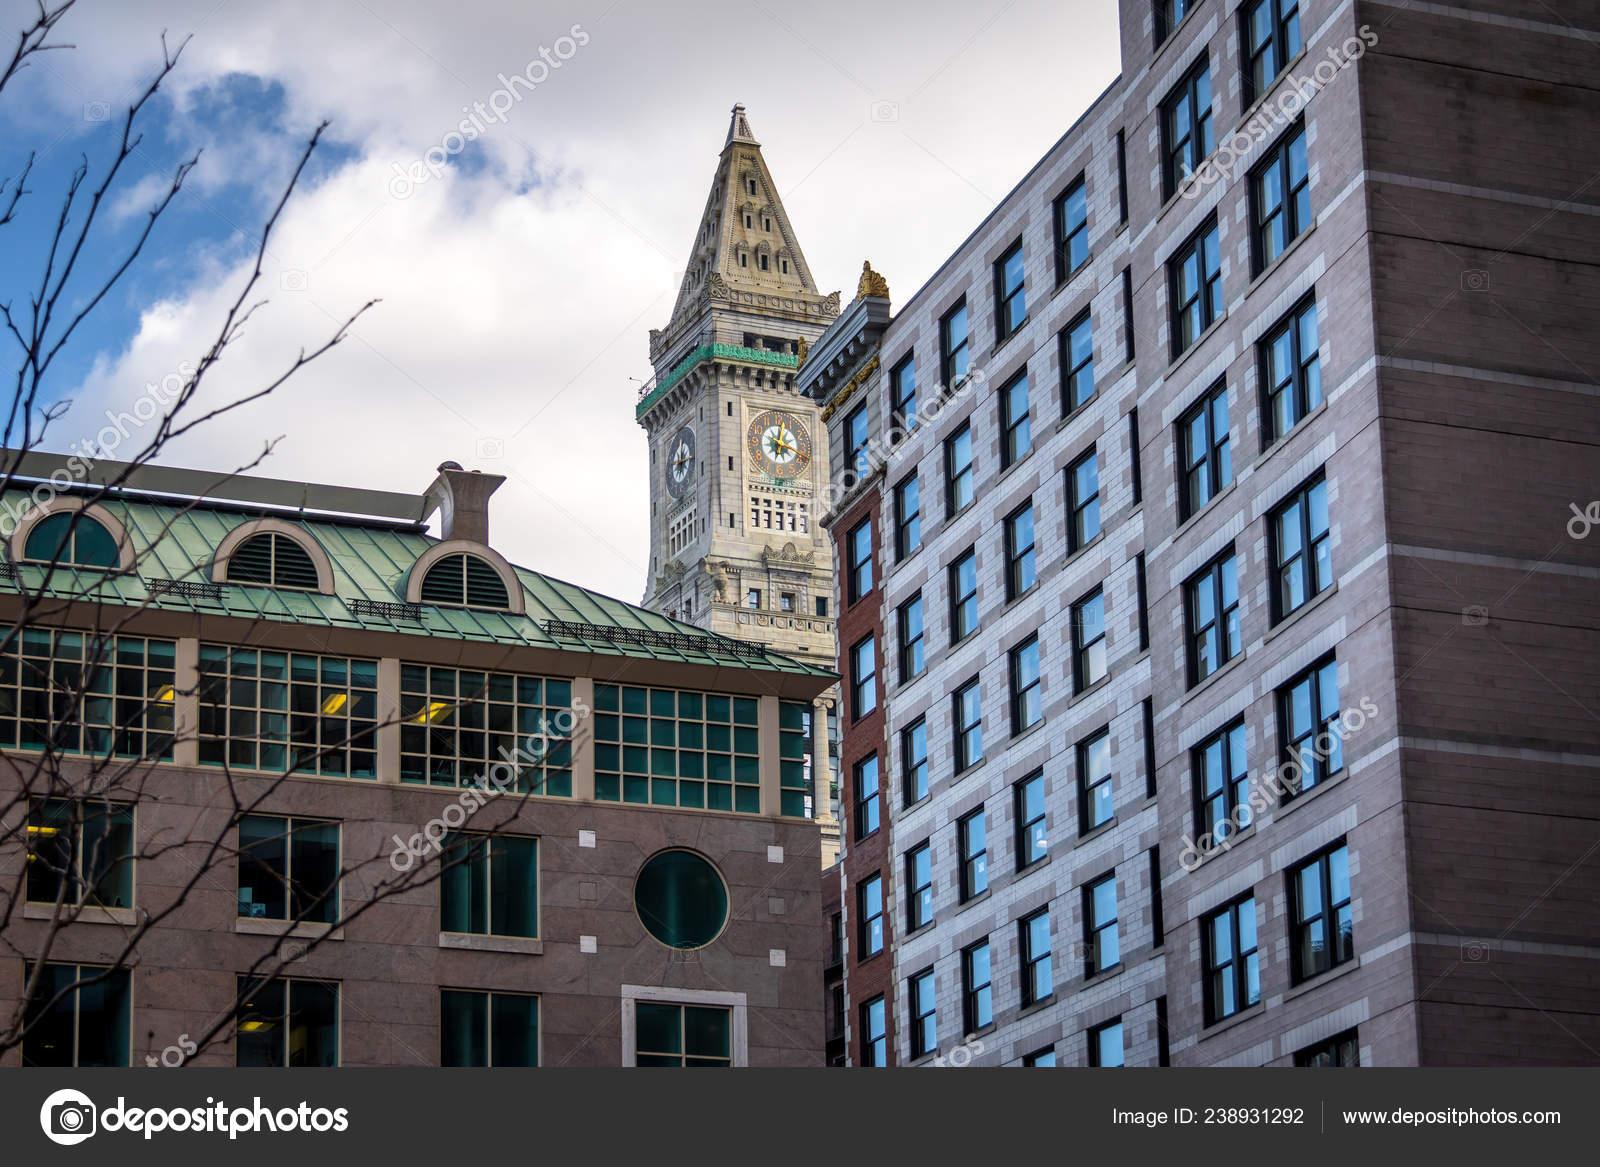 Fotos De Custom House Clock Tower Imagem Para Custom House Clock Tower Melhores Imagens Depositphotos